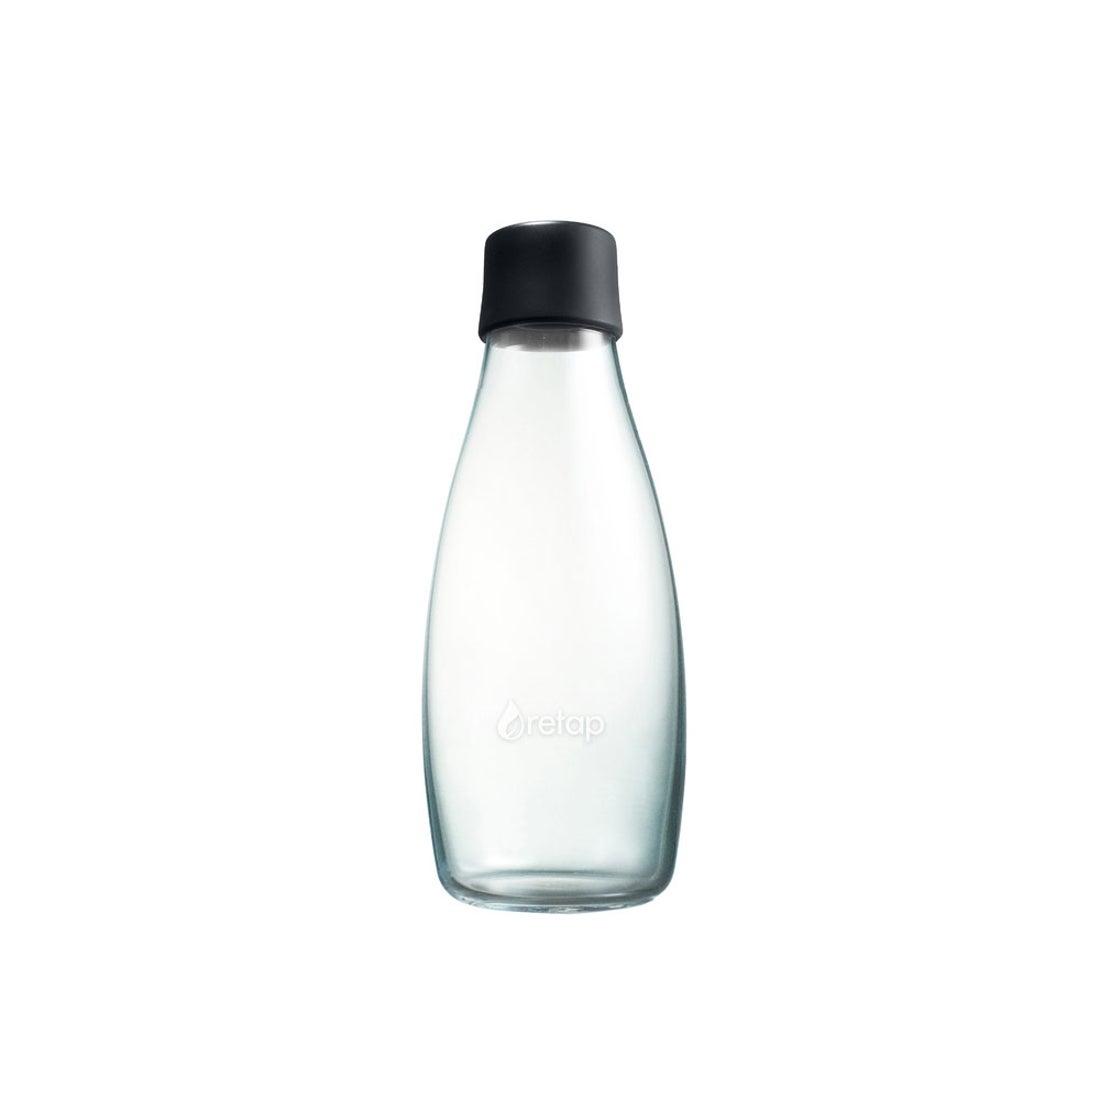 ノーブランド No Brand retapbottle05 リタップボトル 500ml (ブラック)